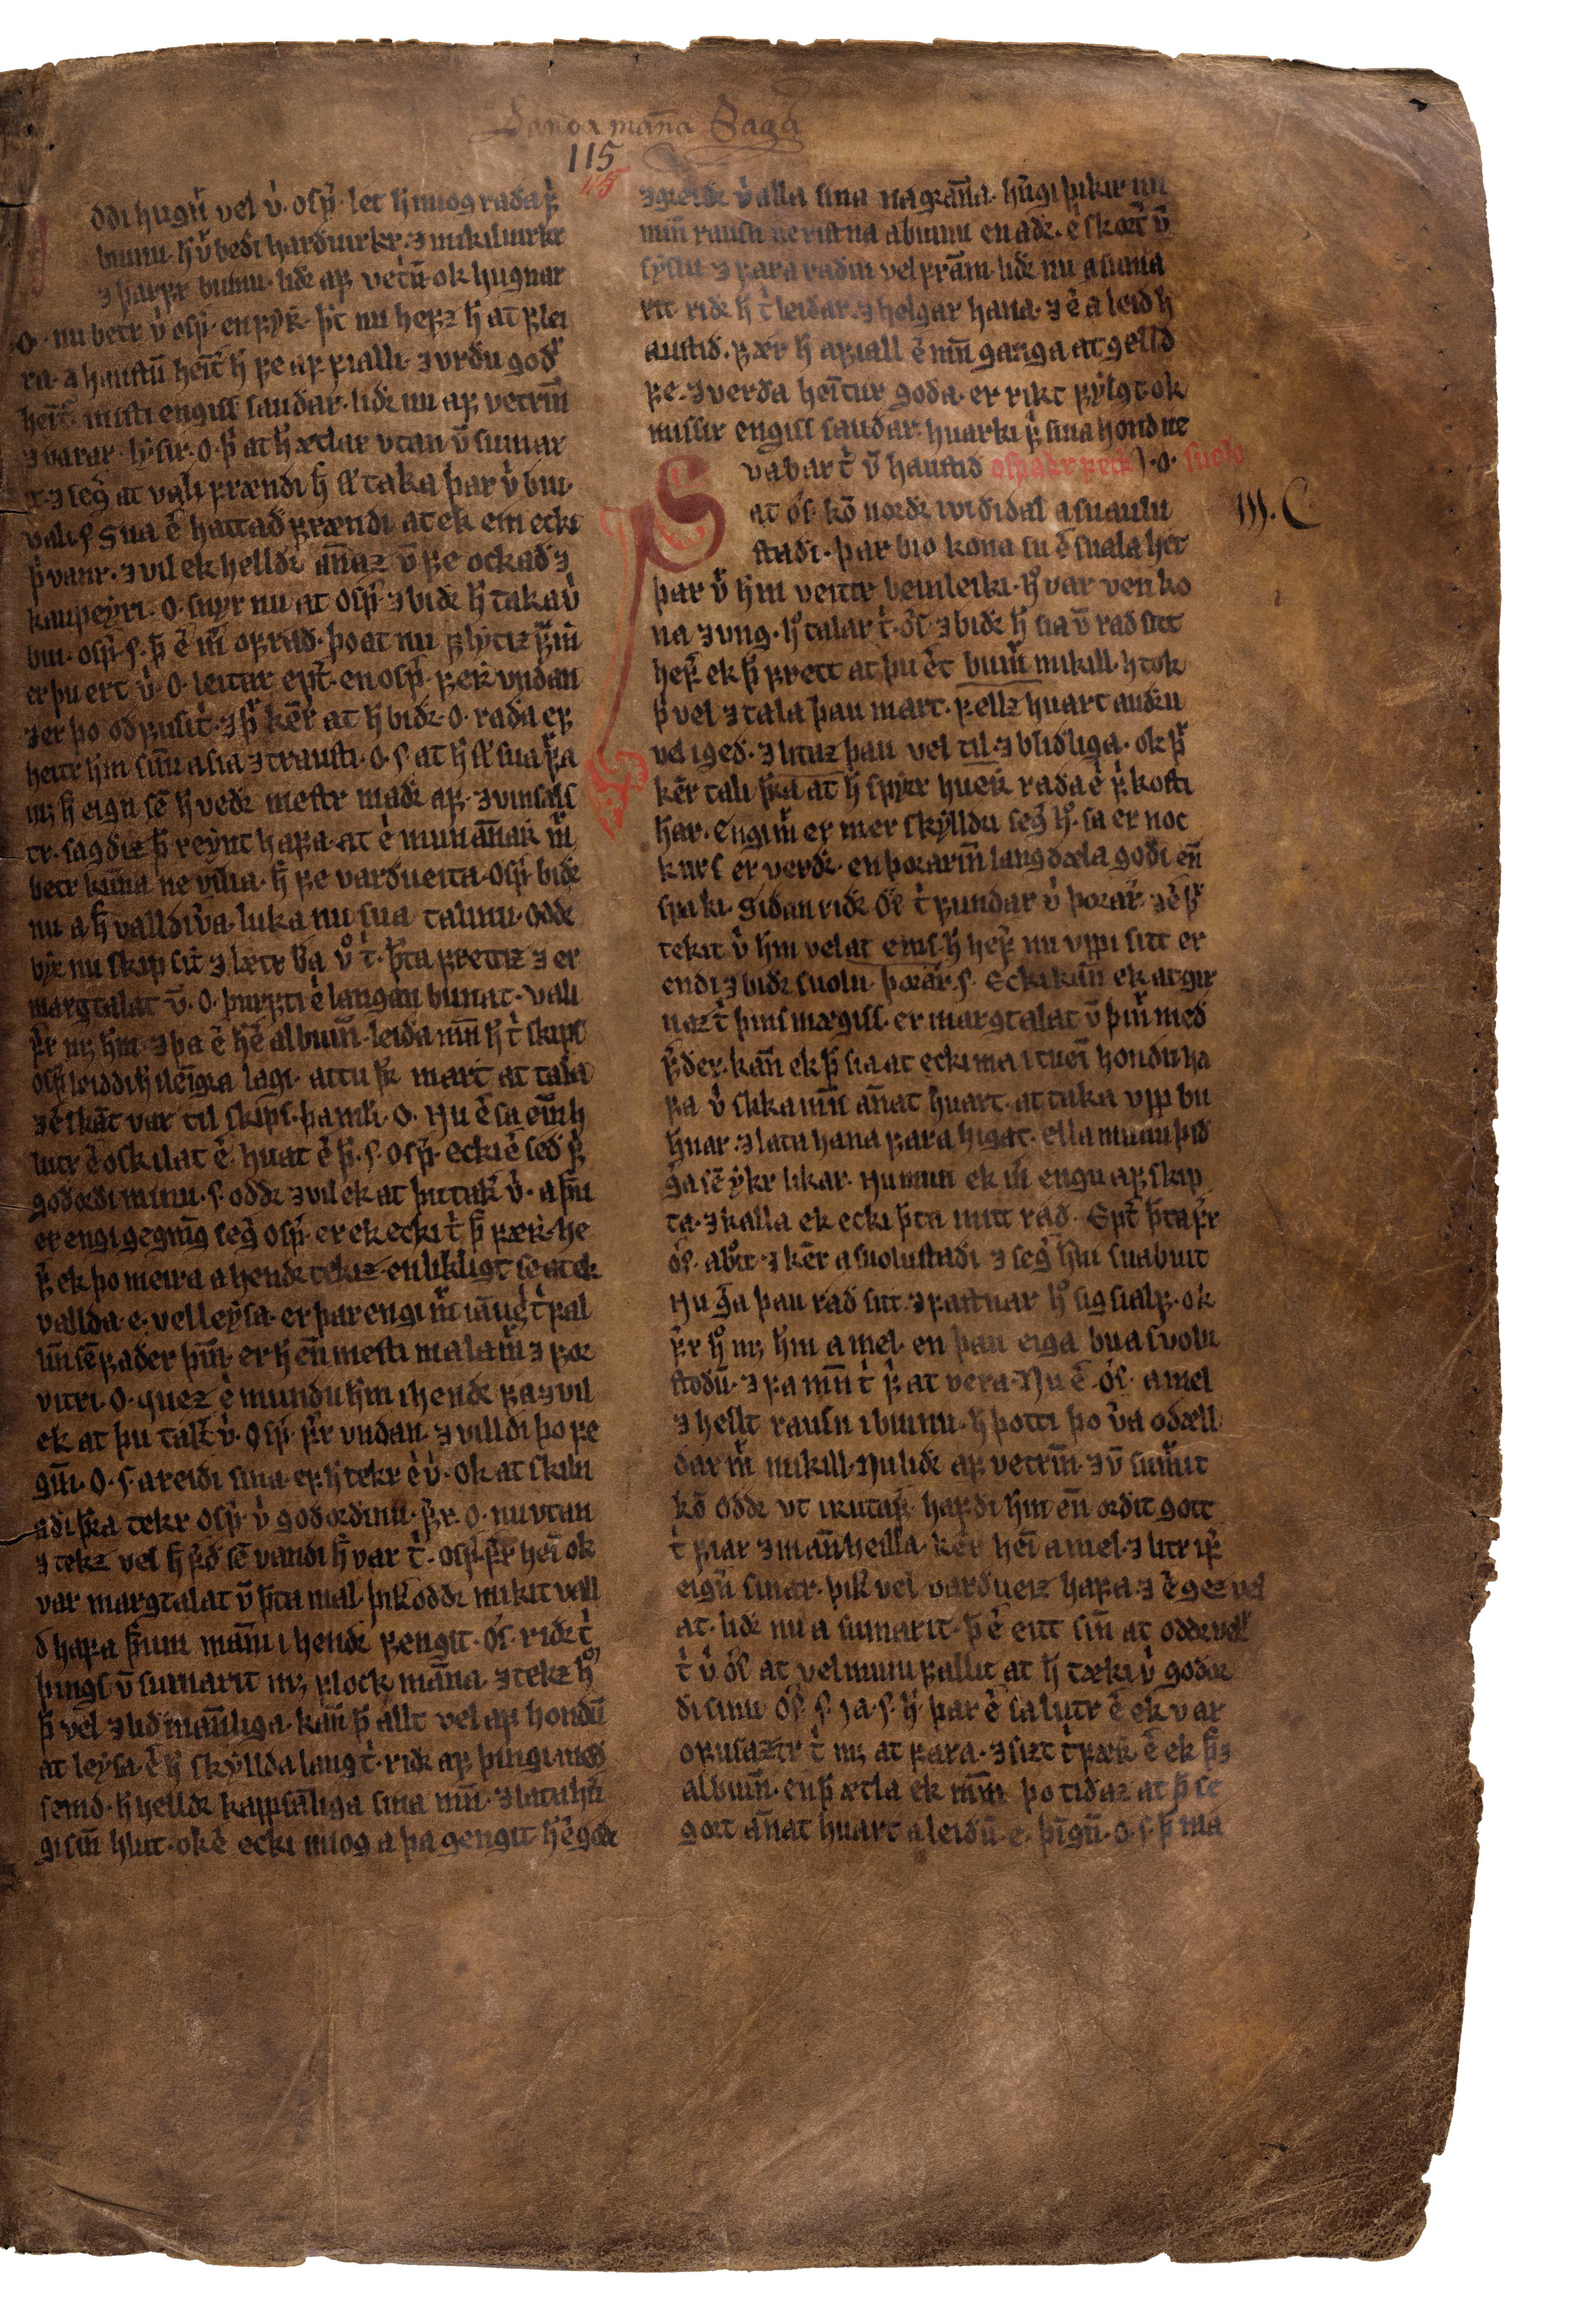 AM 132 fol - 115r